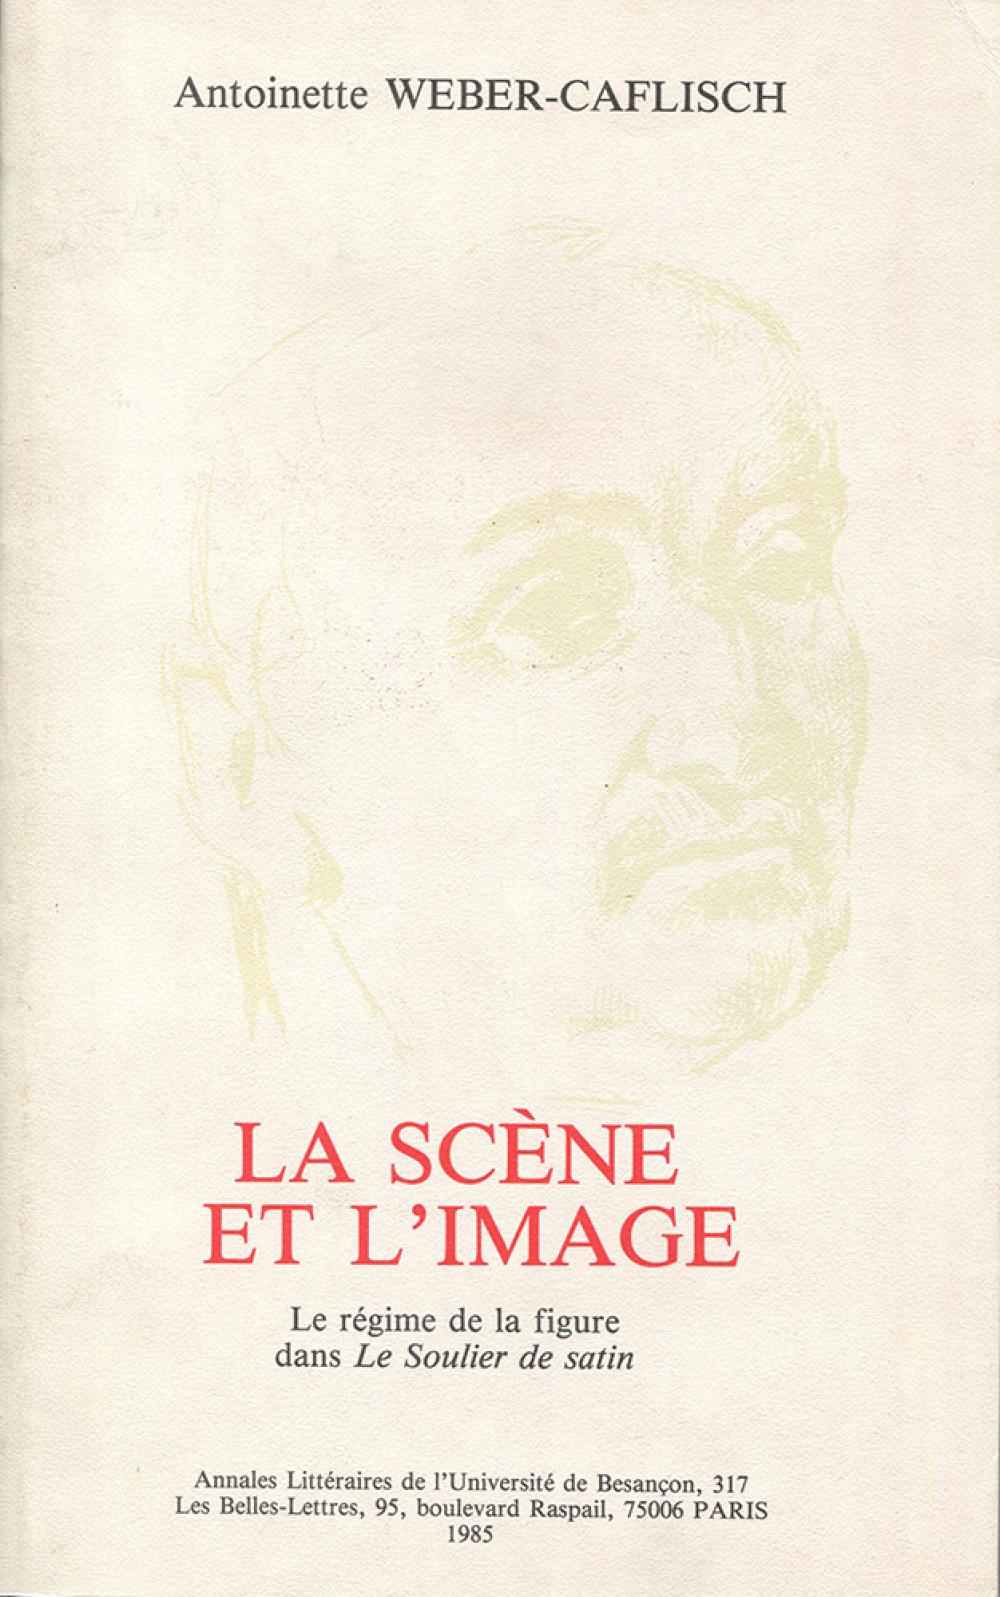 La scène et l'image